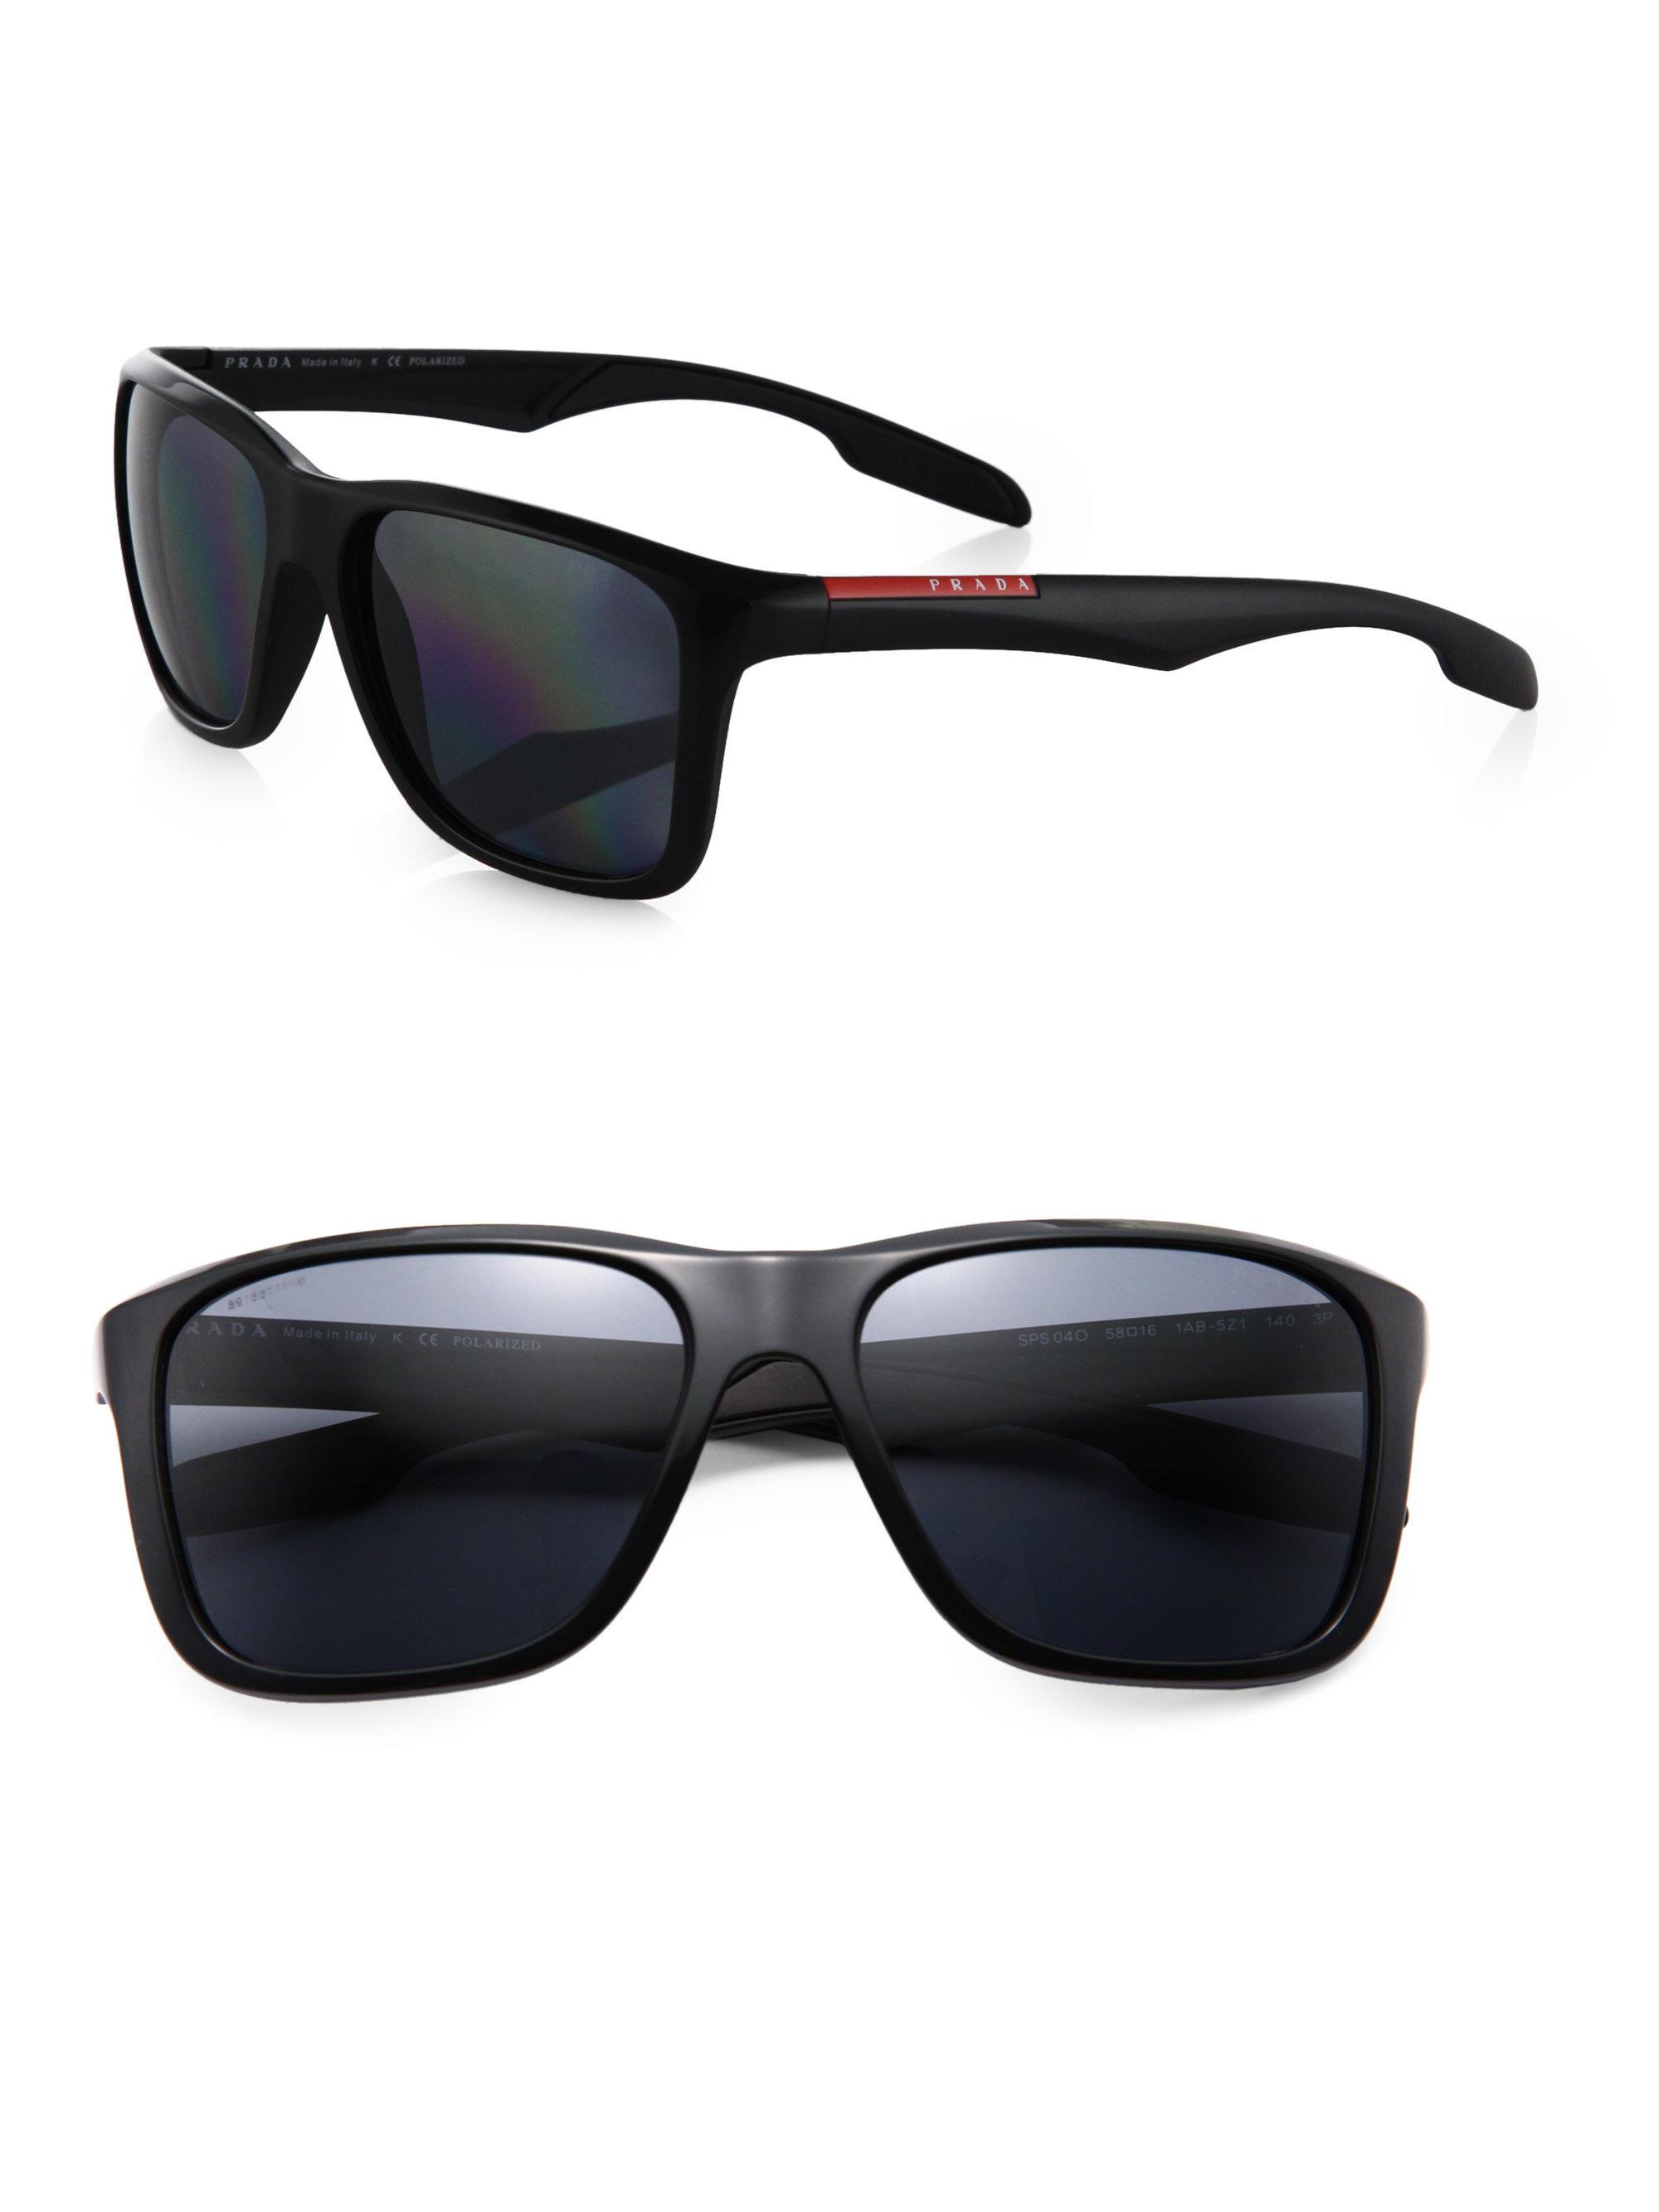 68f3478da33 ... uk lyst prada square aviator sunglasses in black for men 8d995 f73d6